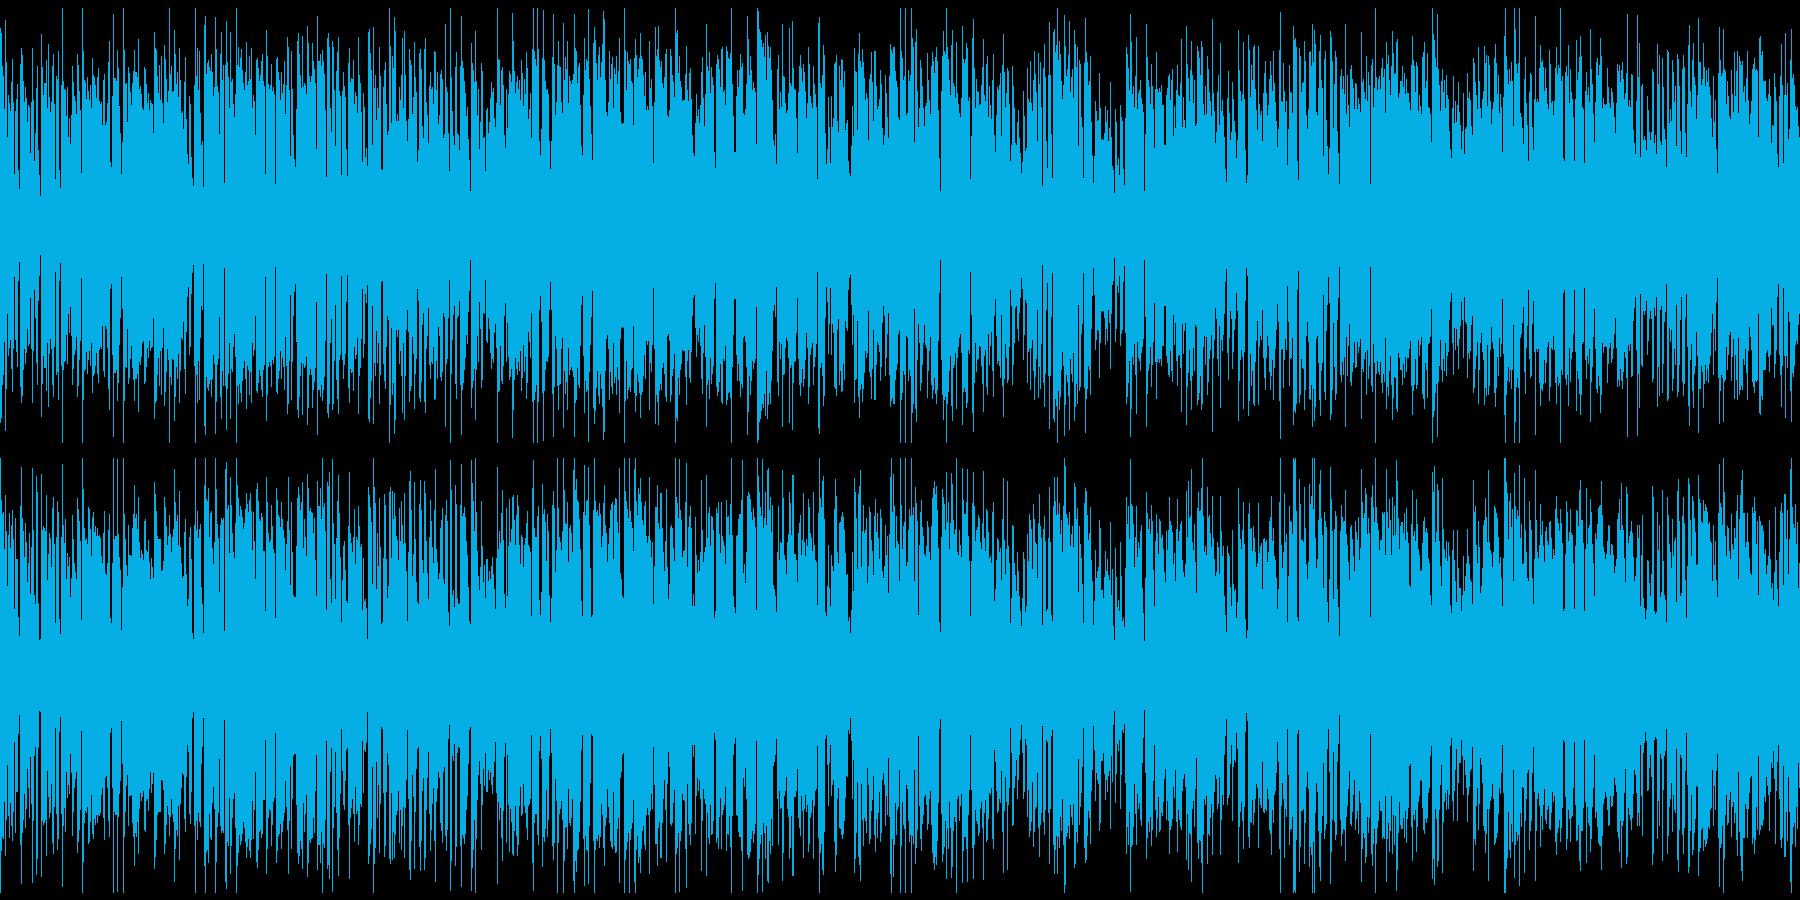 ドタバタ騒がしいコメディ ※ループ版の再生済みの波形